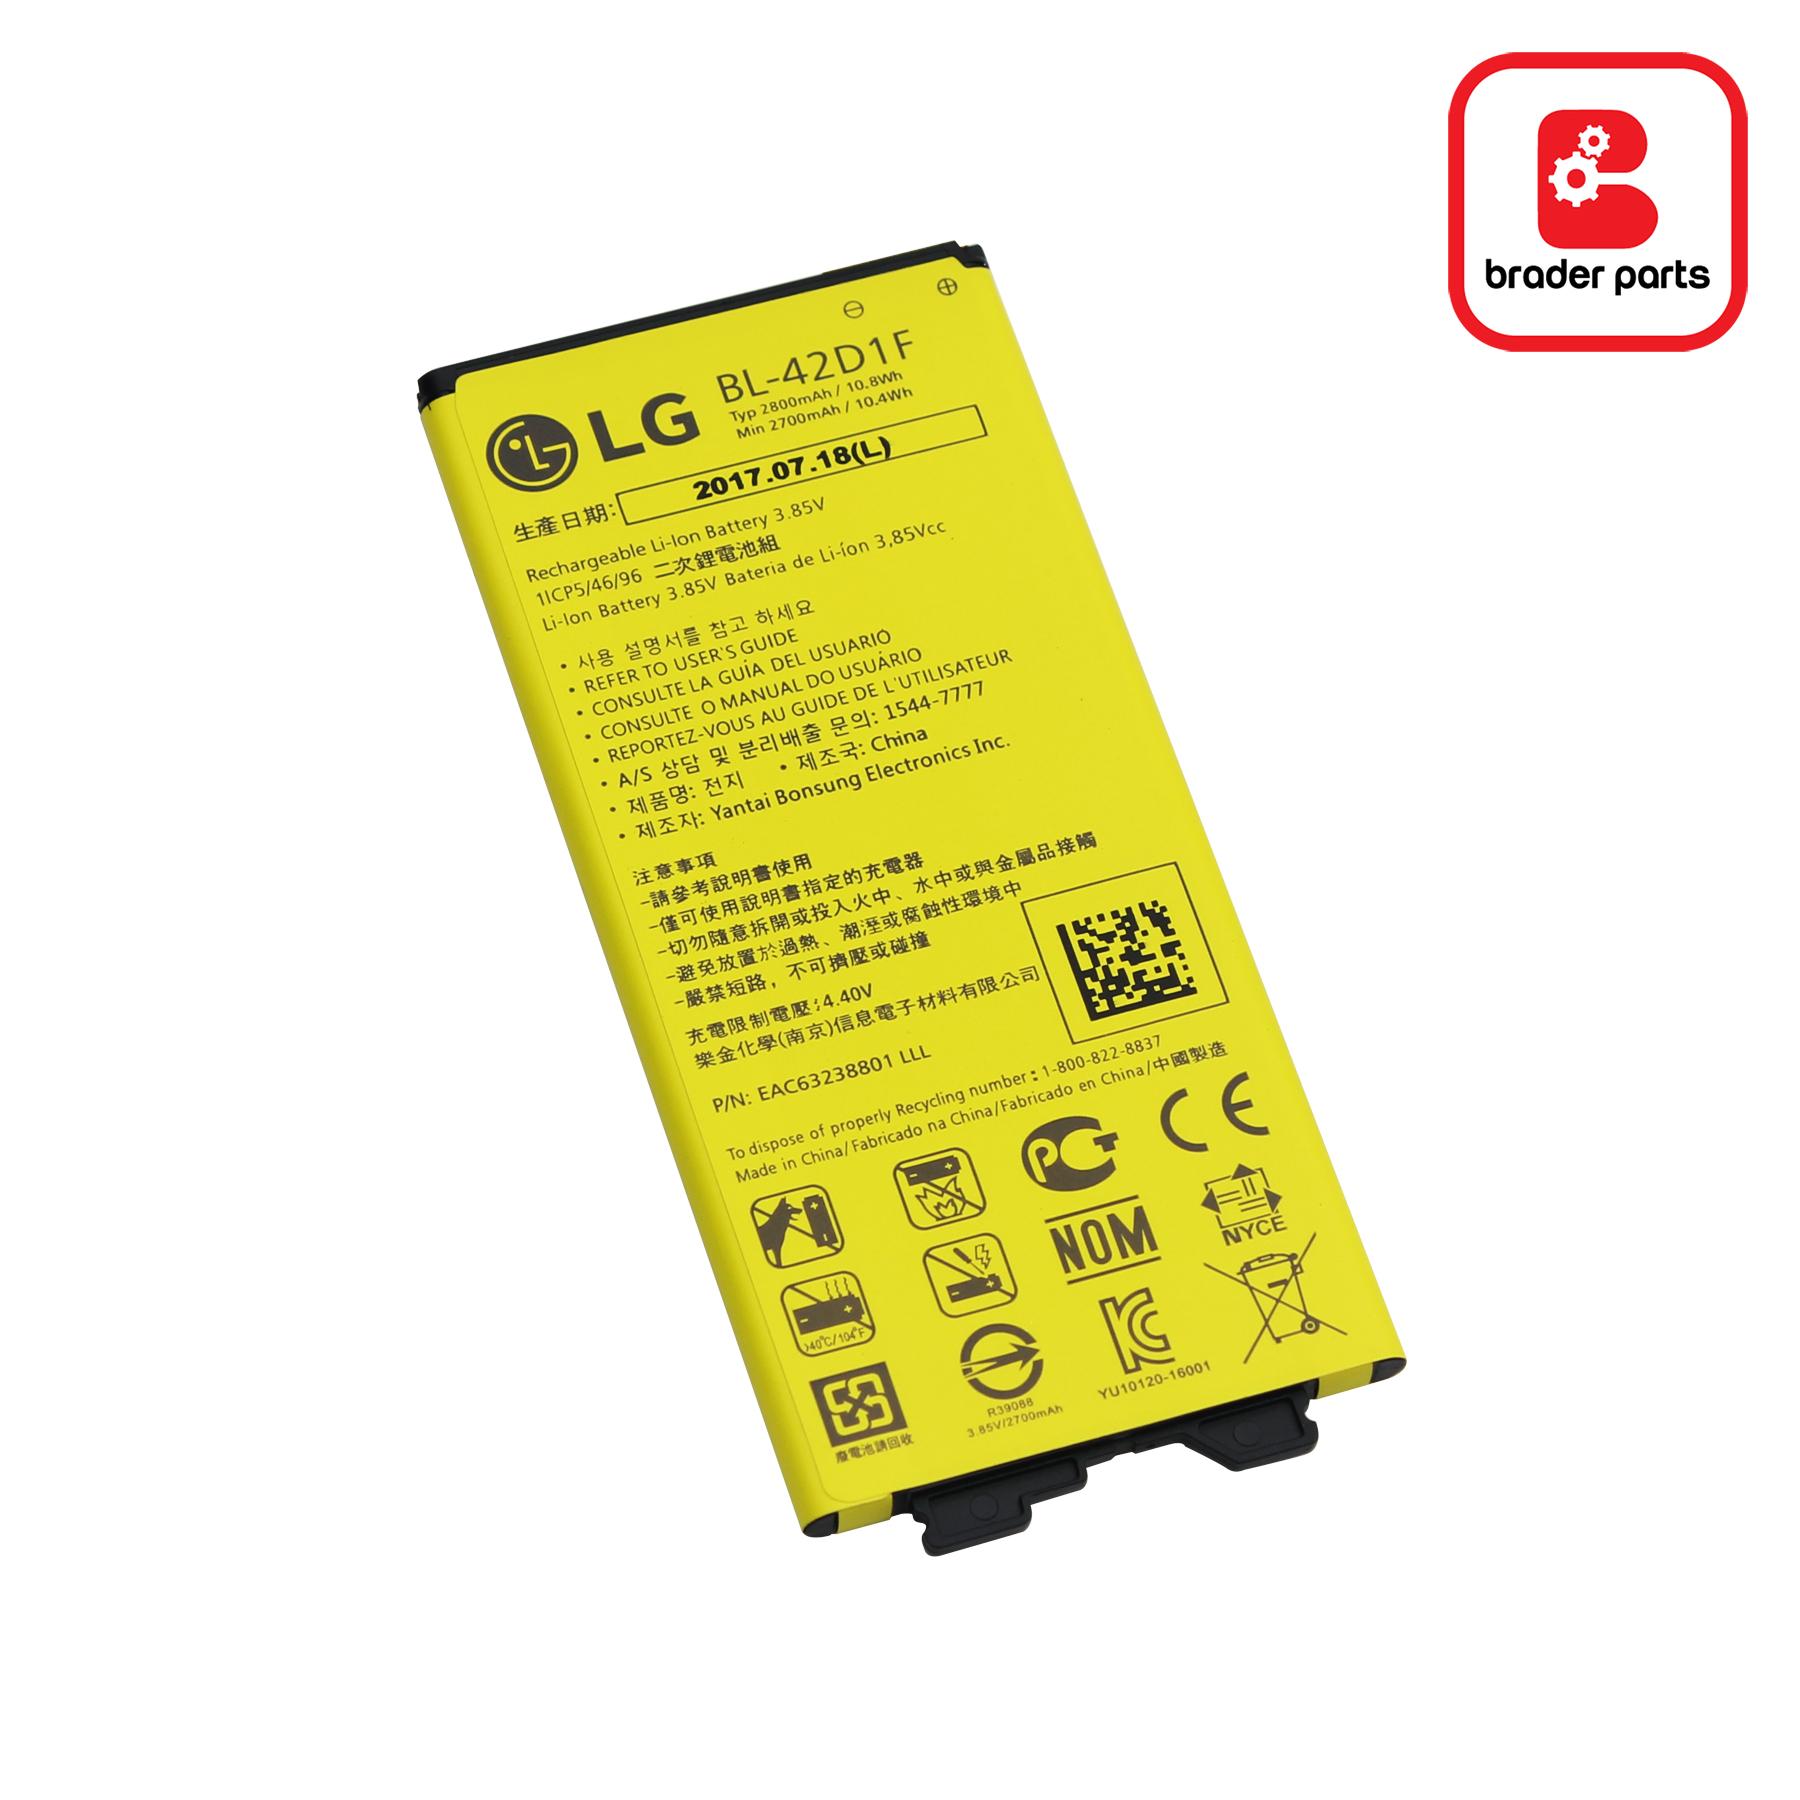 Baterai LG G5 BL-42D1F